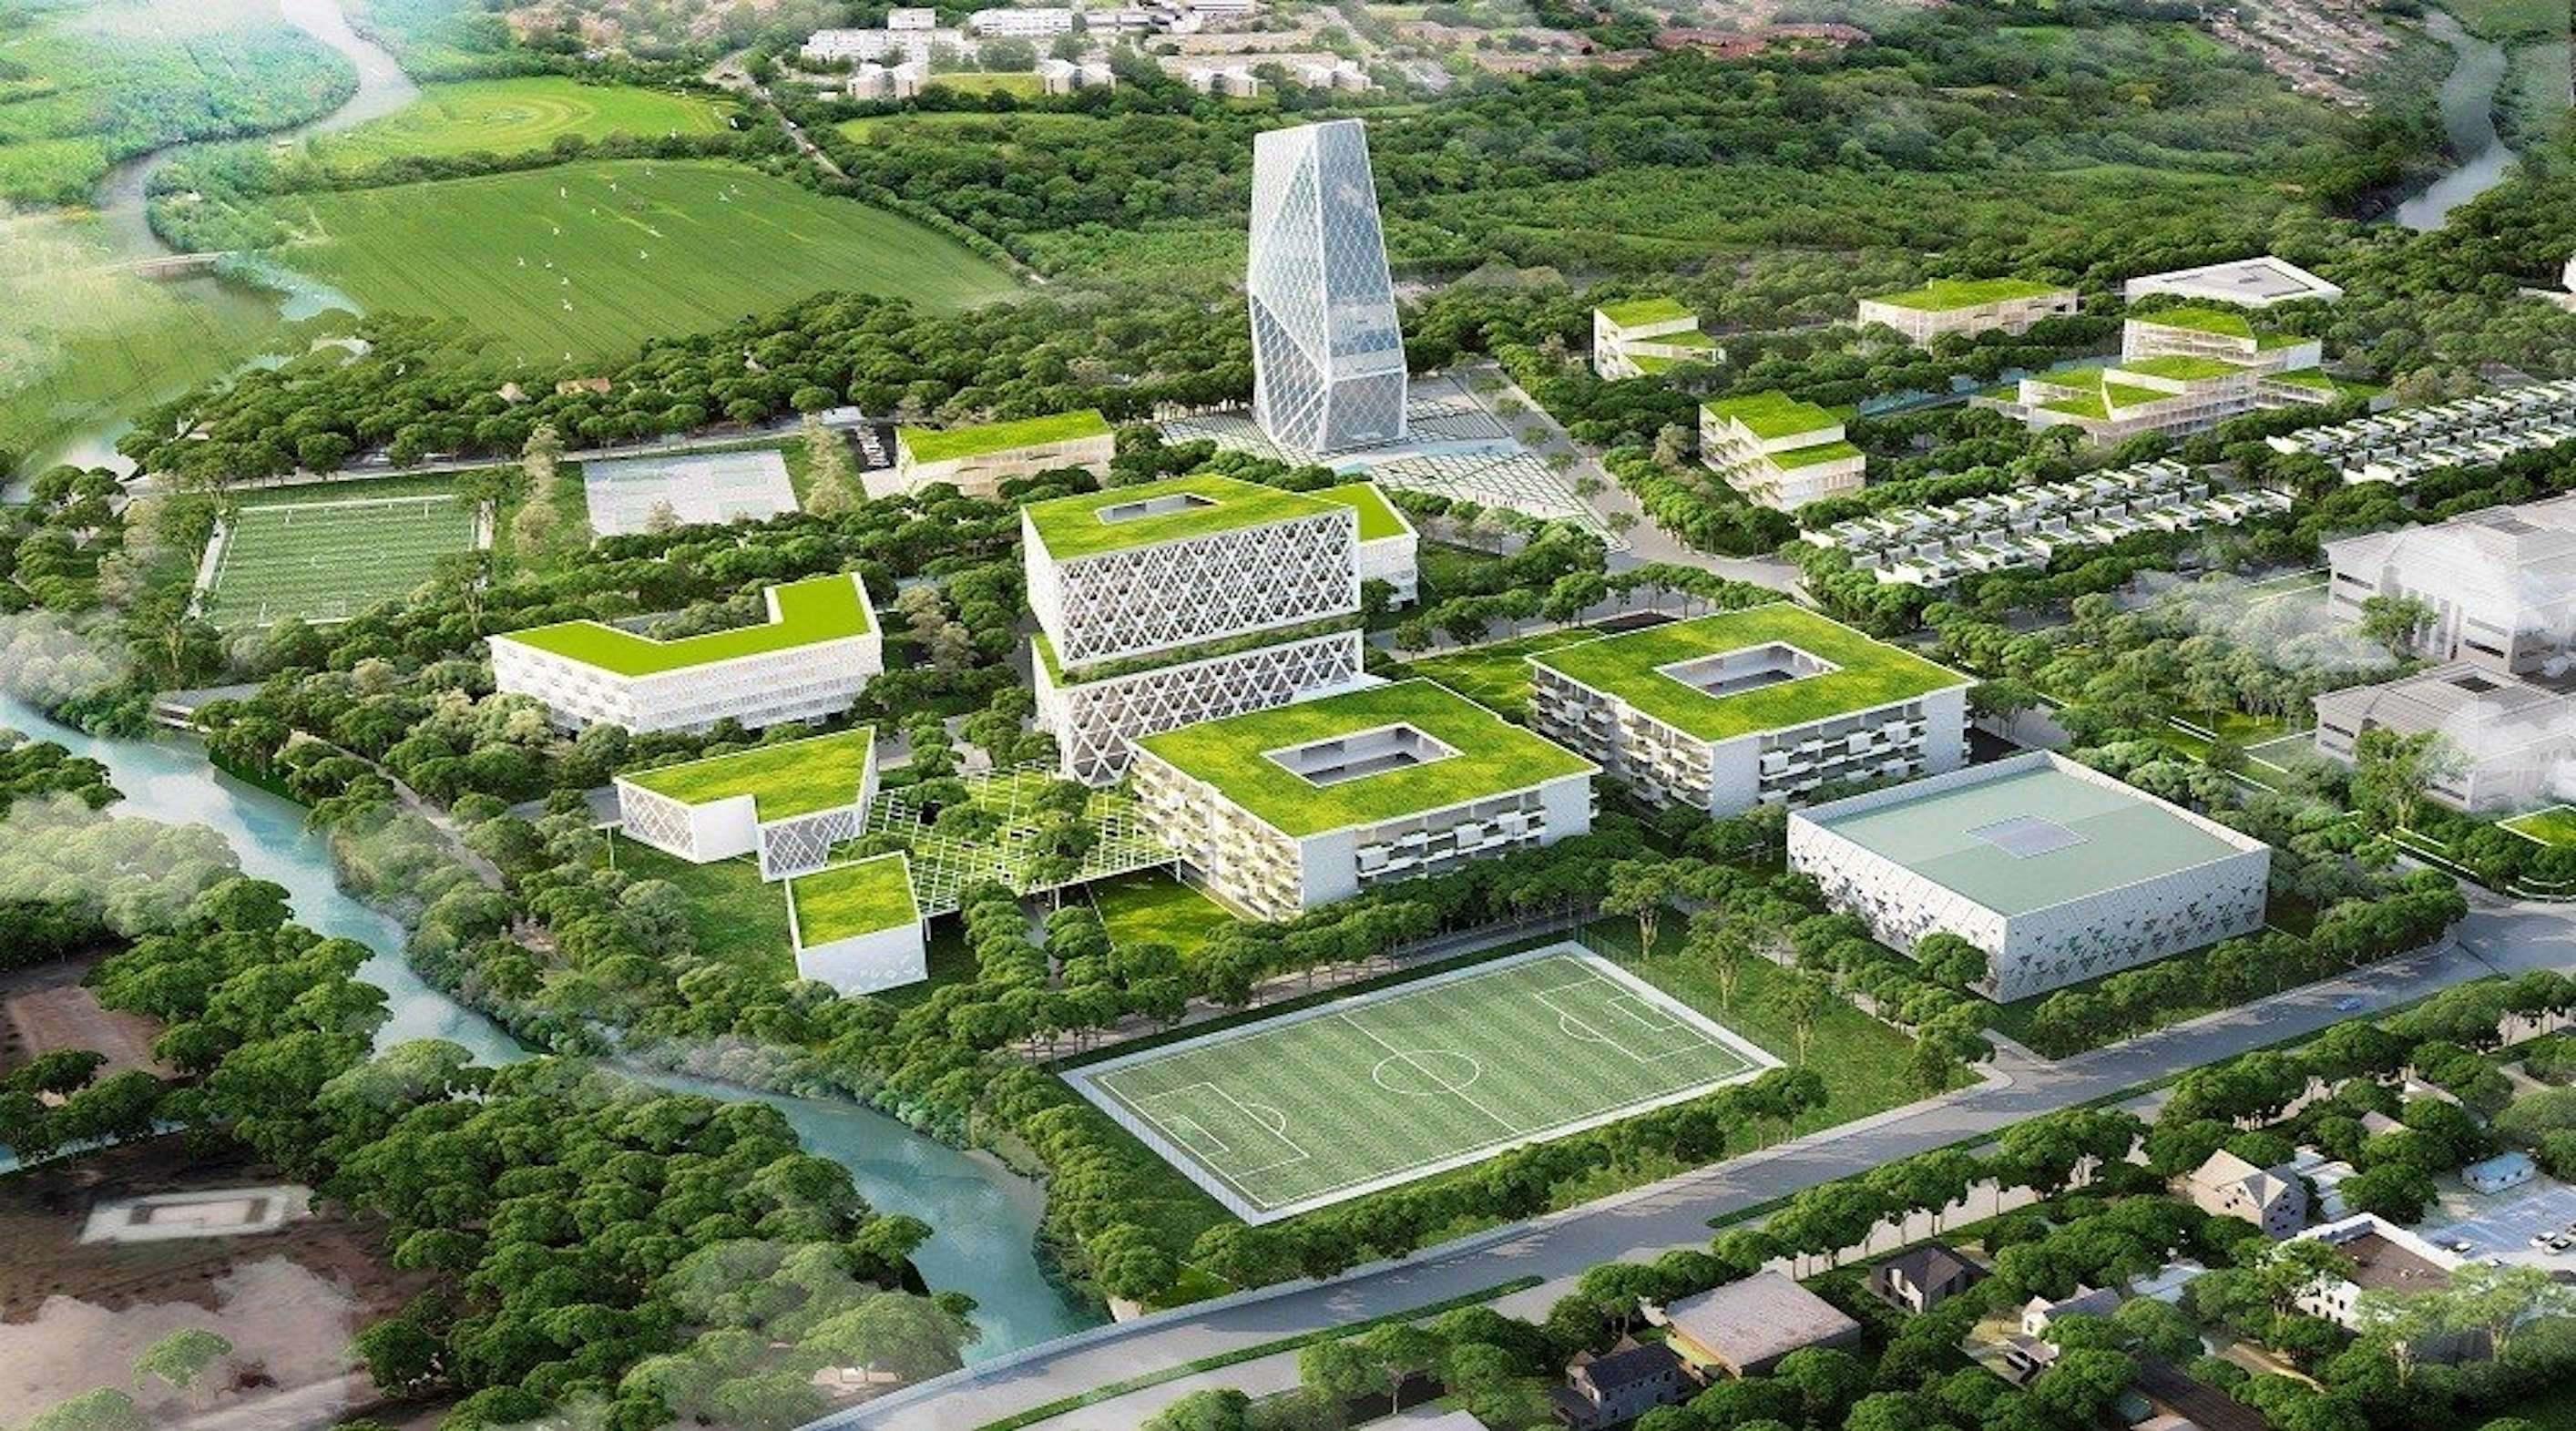 LTT- Bán đất nền khu đô thị fpt Đà Nẵng (7)